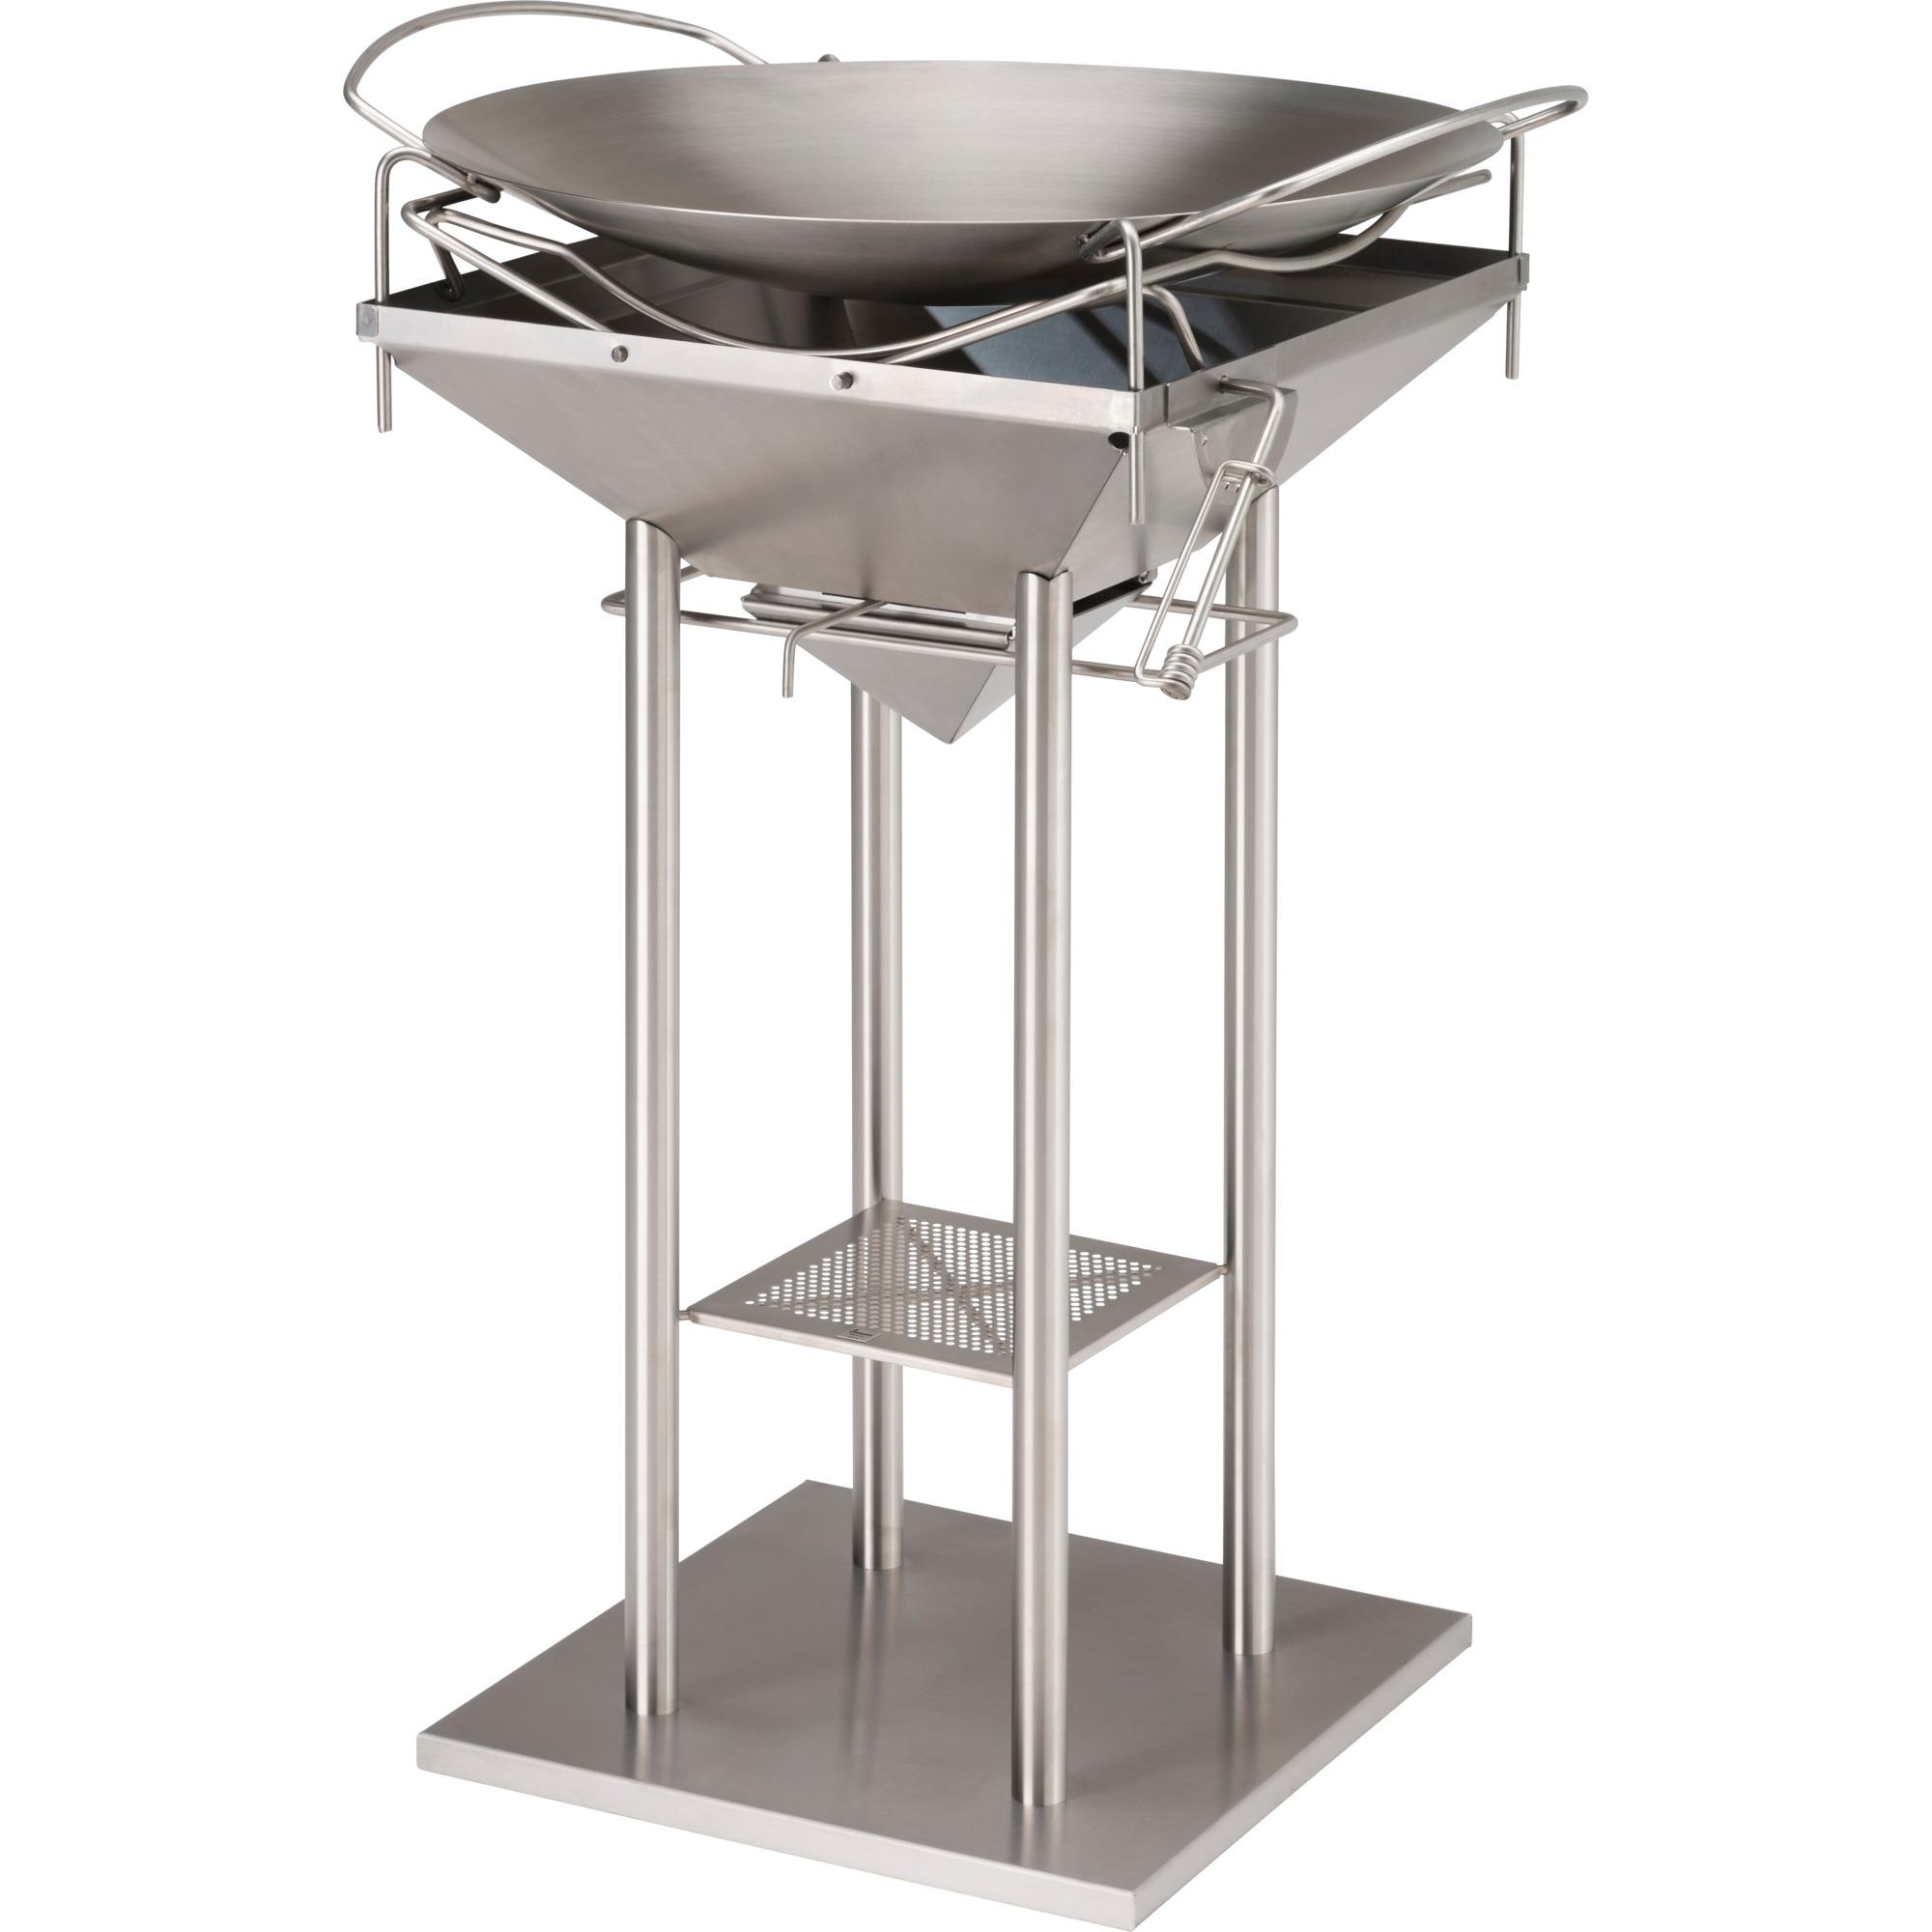 Prezzi griglia tavolo multifunzione elettrica prezzi e for Tavolo 90x60